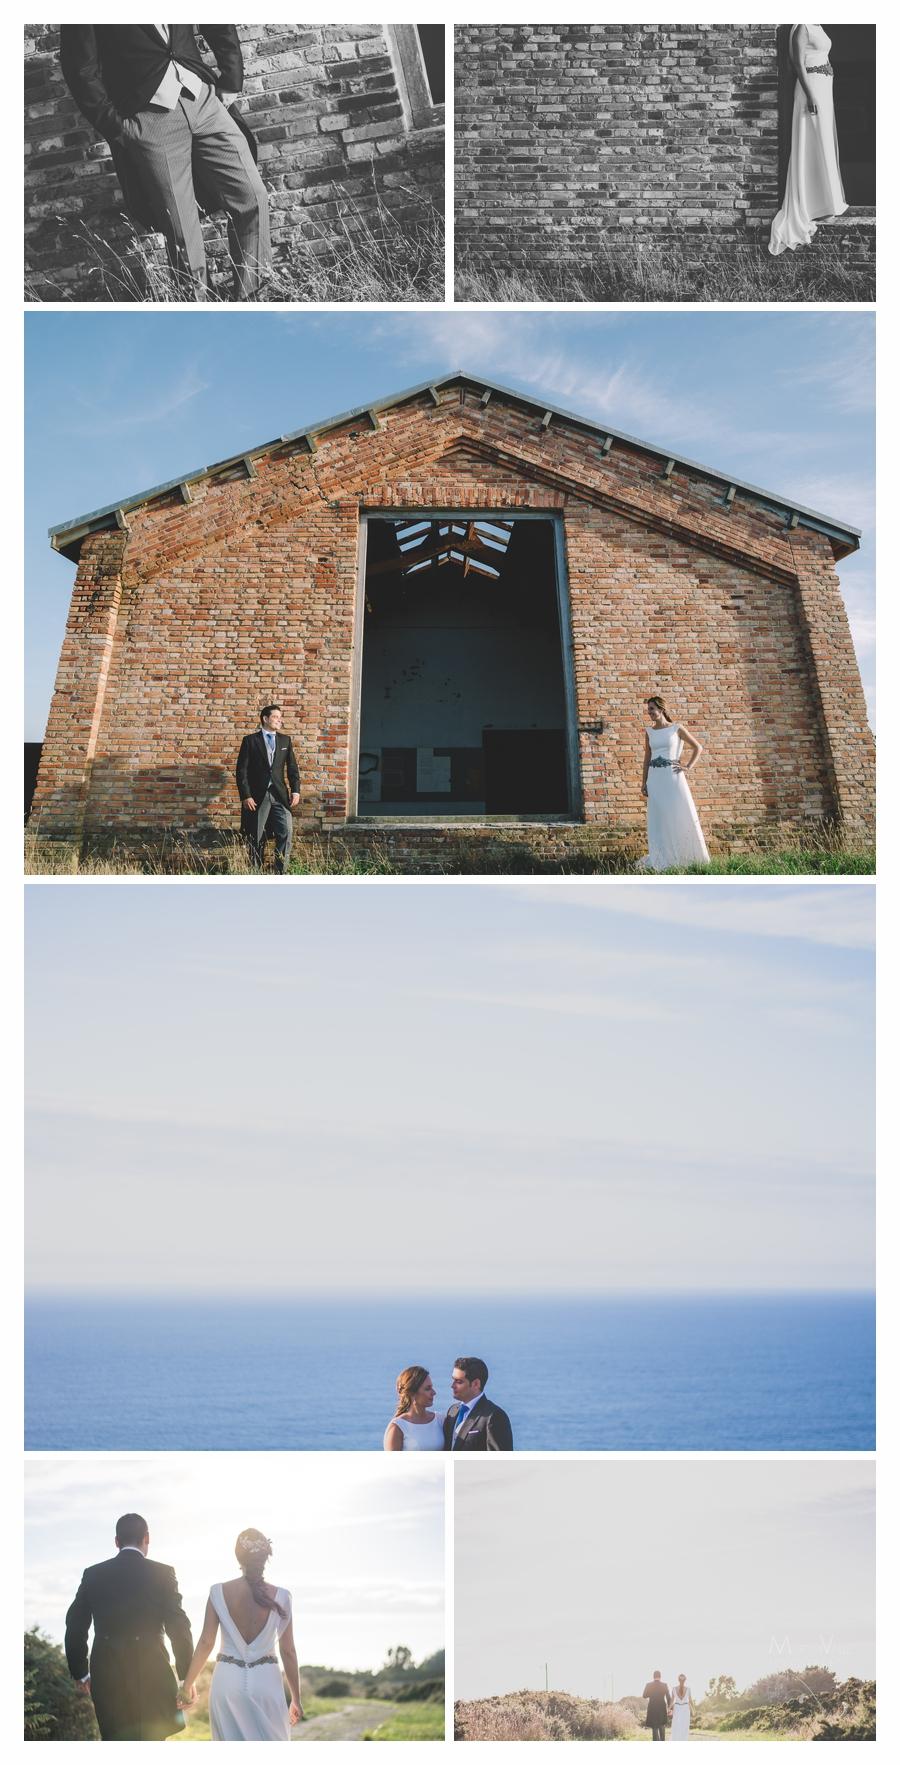 postboda en la costa asturiana. Postboda industrial